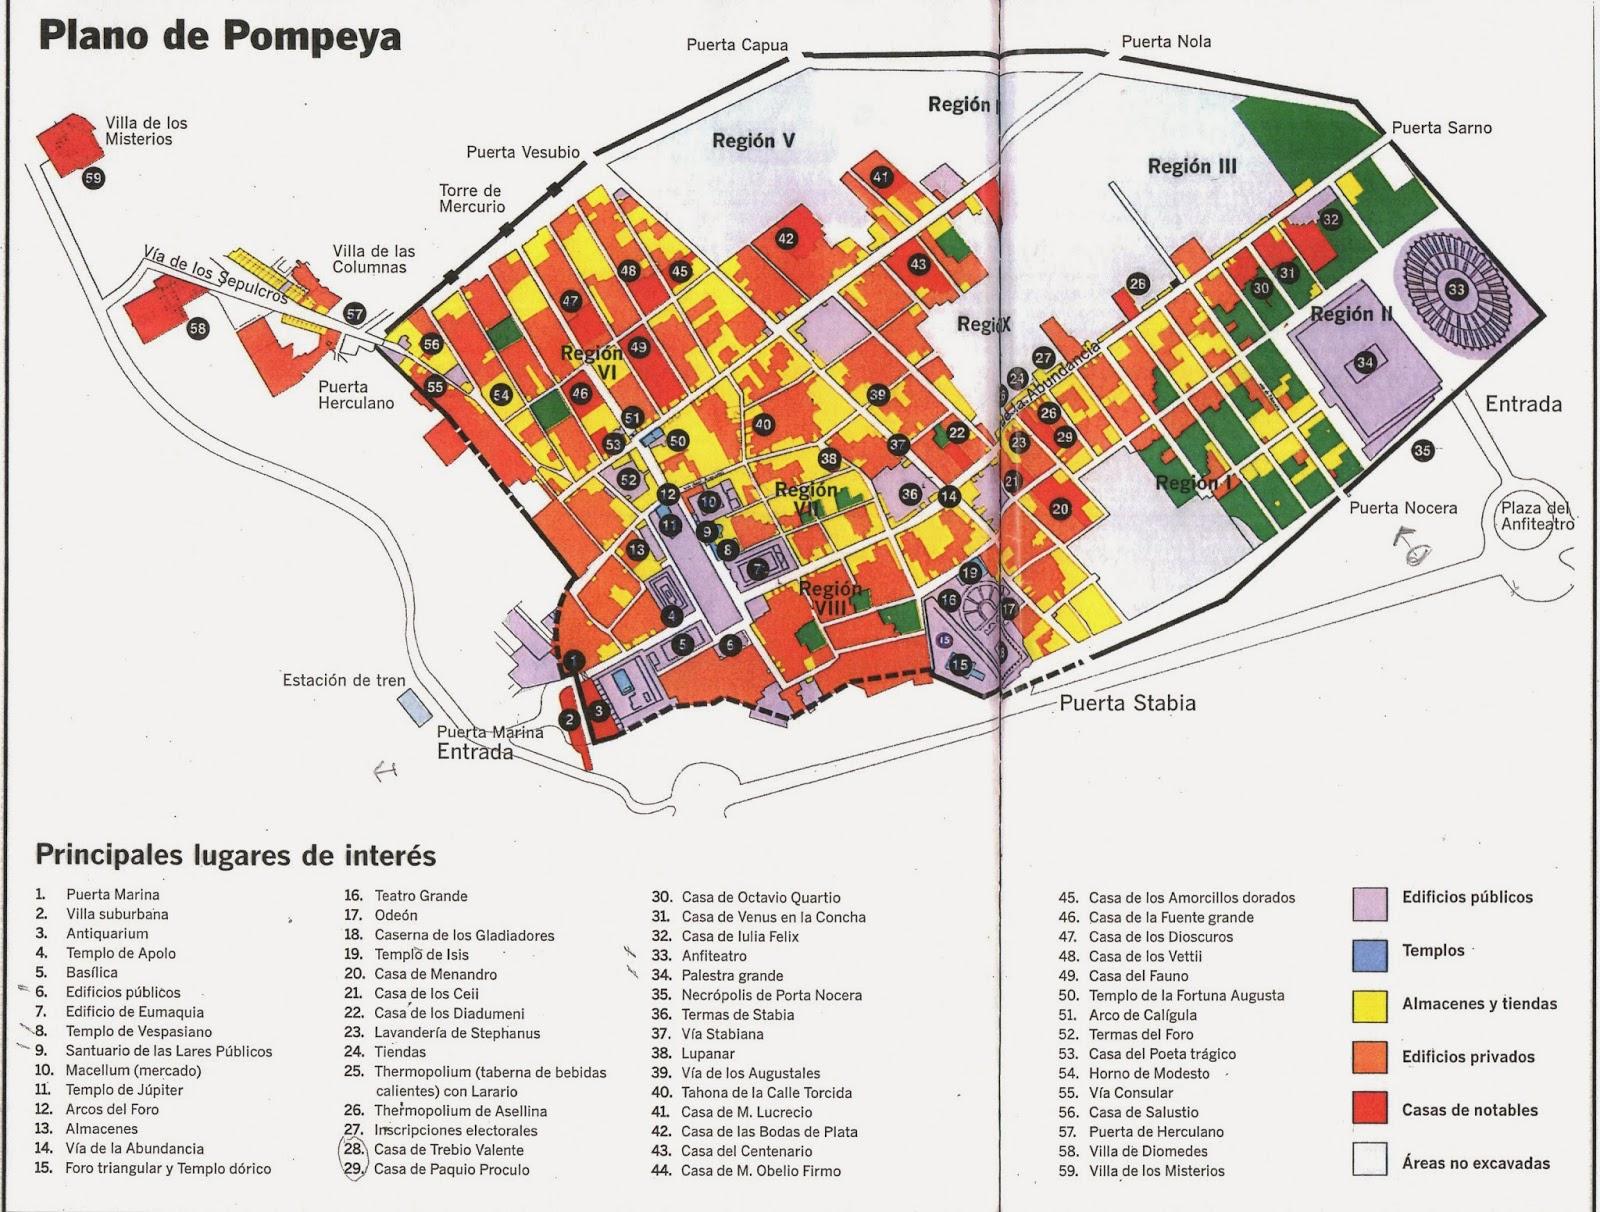 viajar a pompeya 2014 planos de pompeya On plano de pompeya